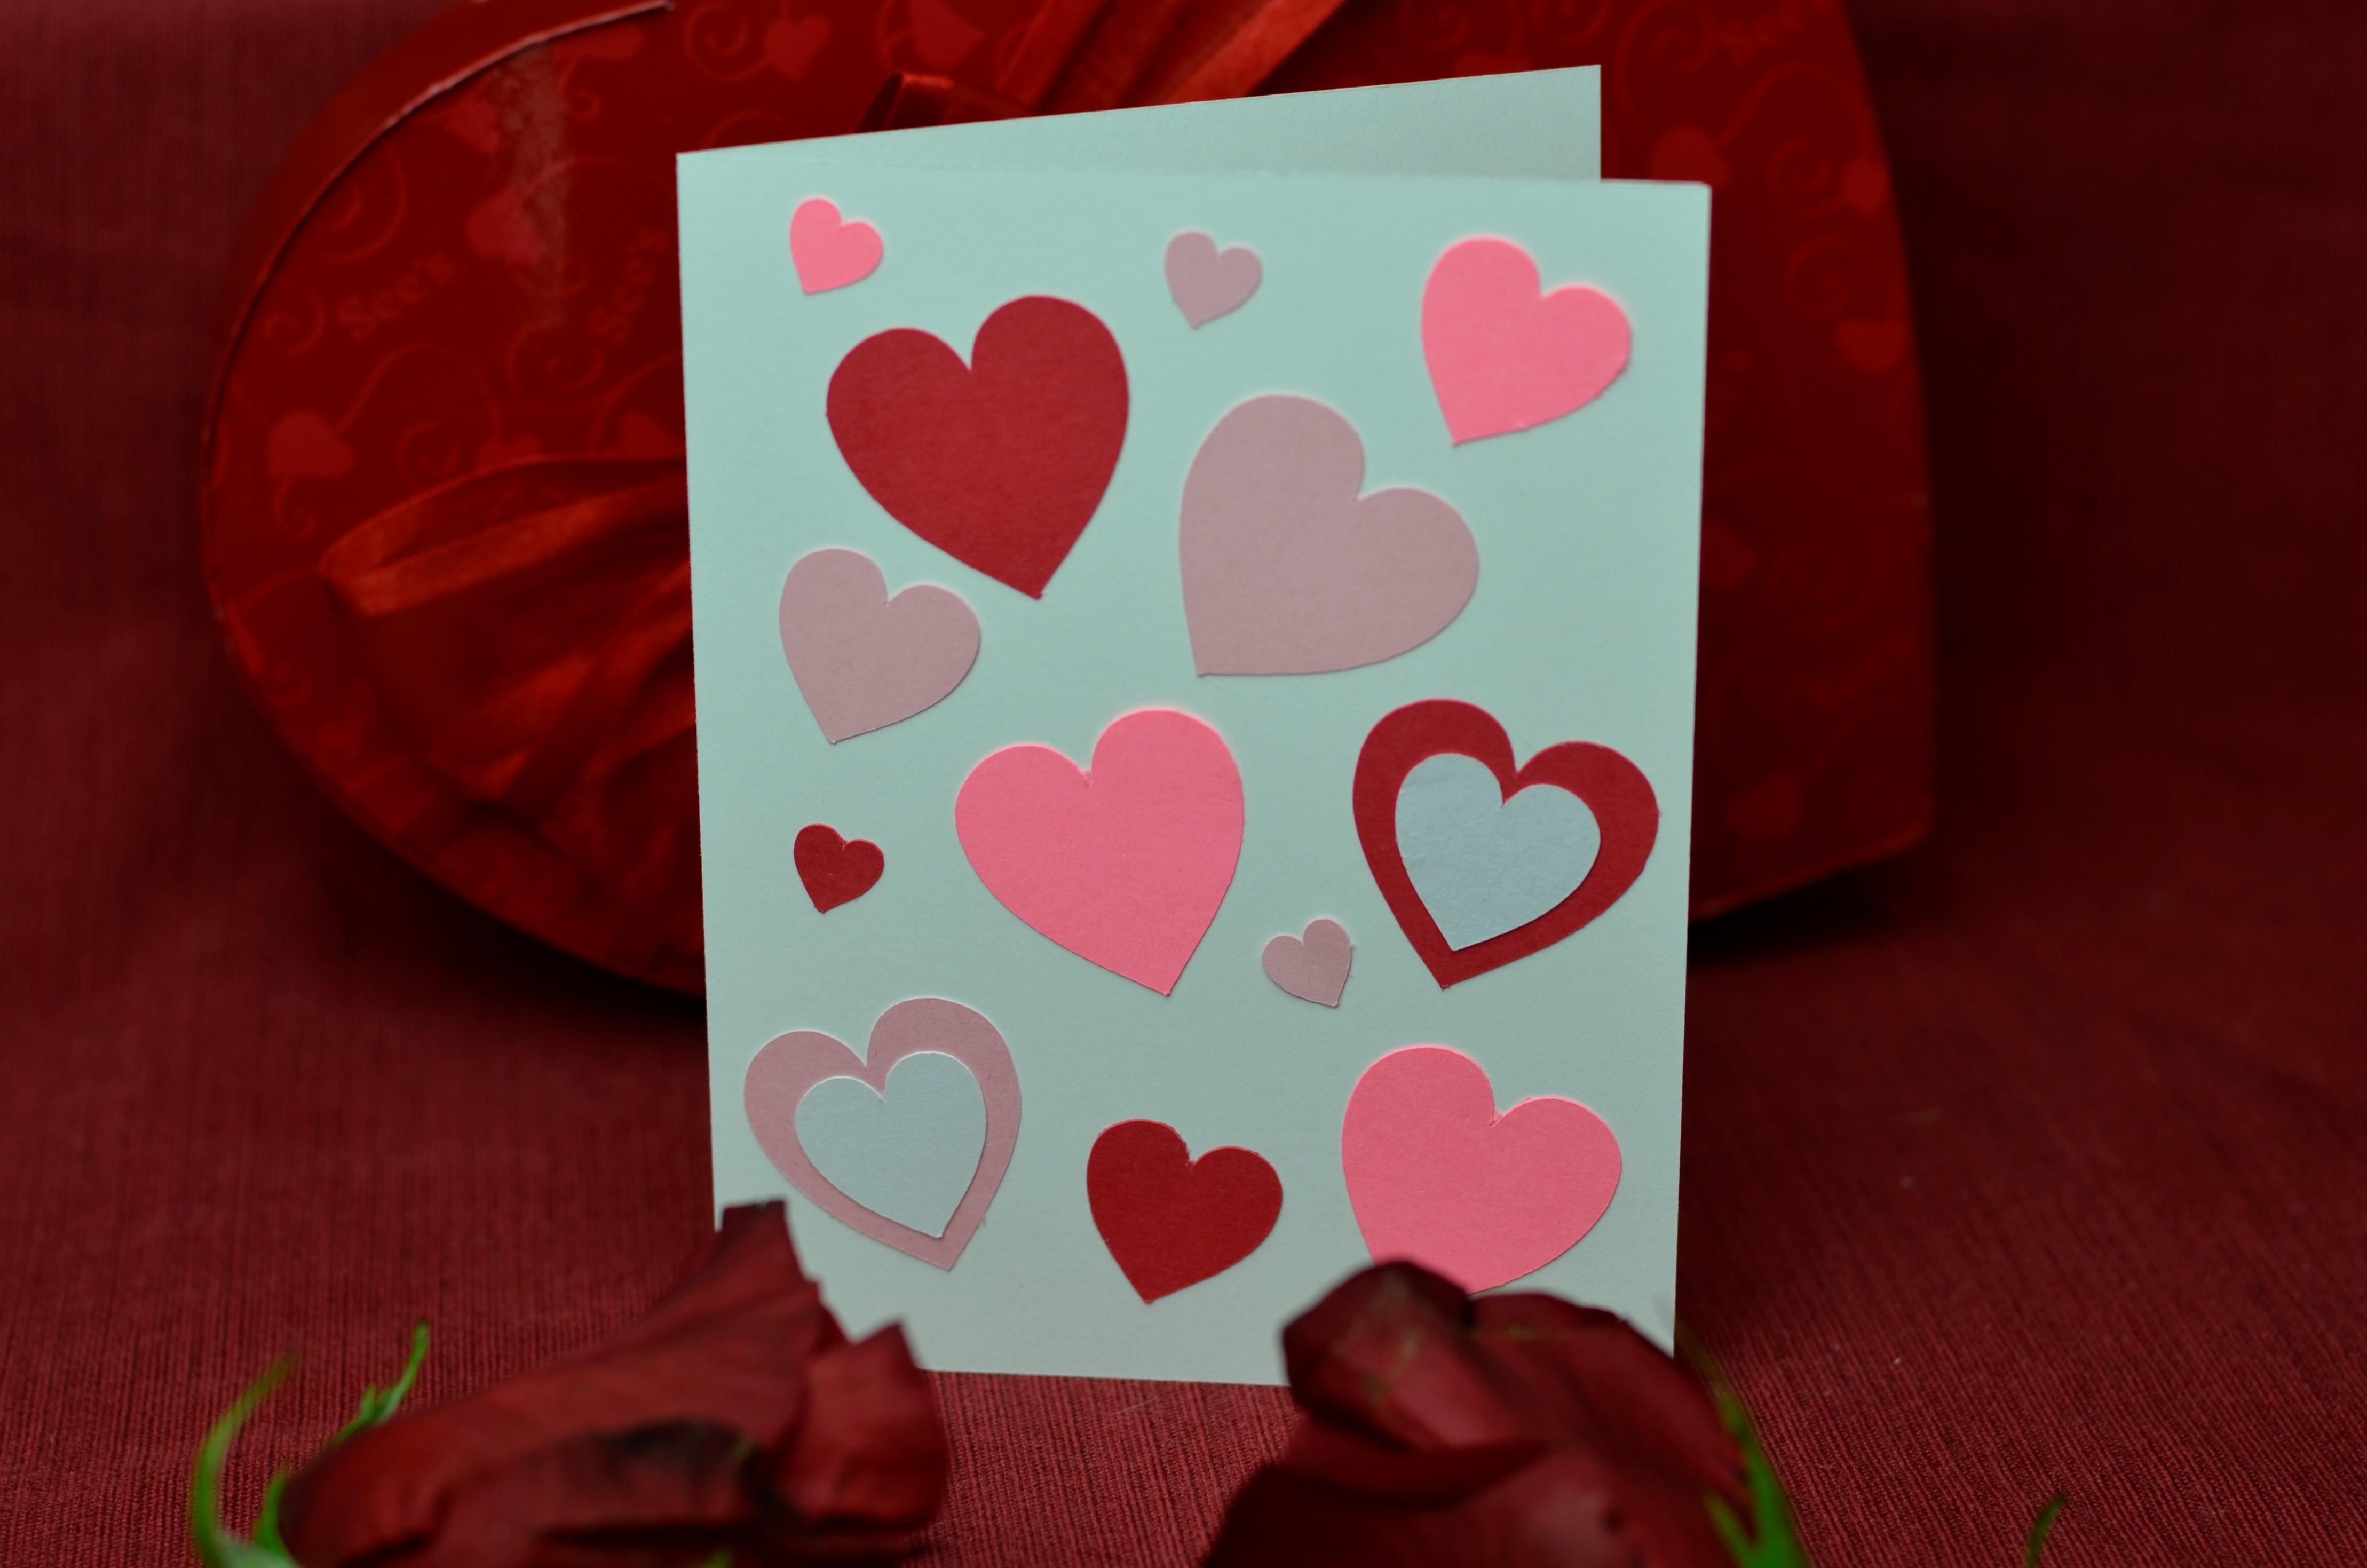 Những hình ảnh hài hước về ngày Valentine